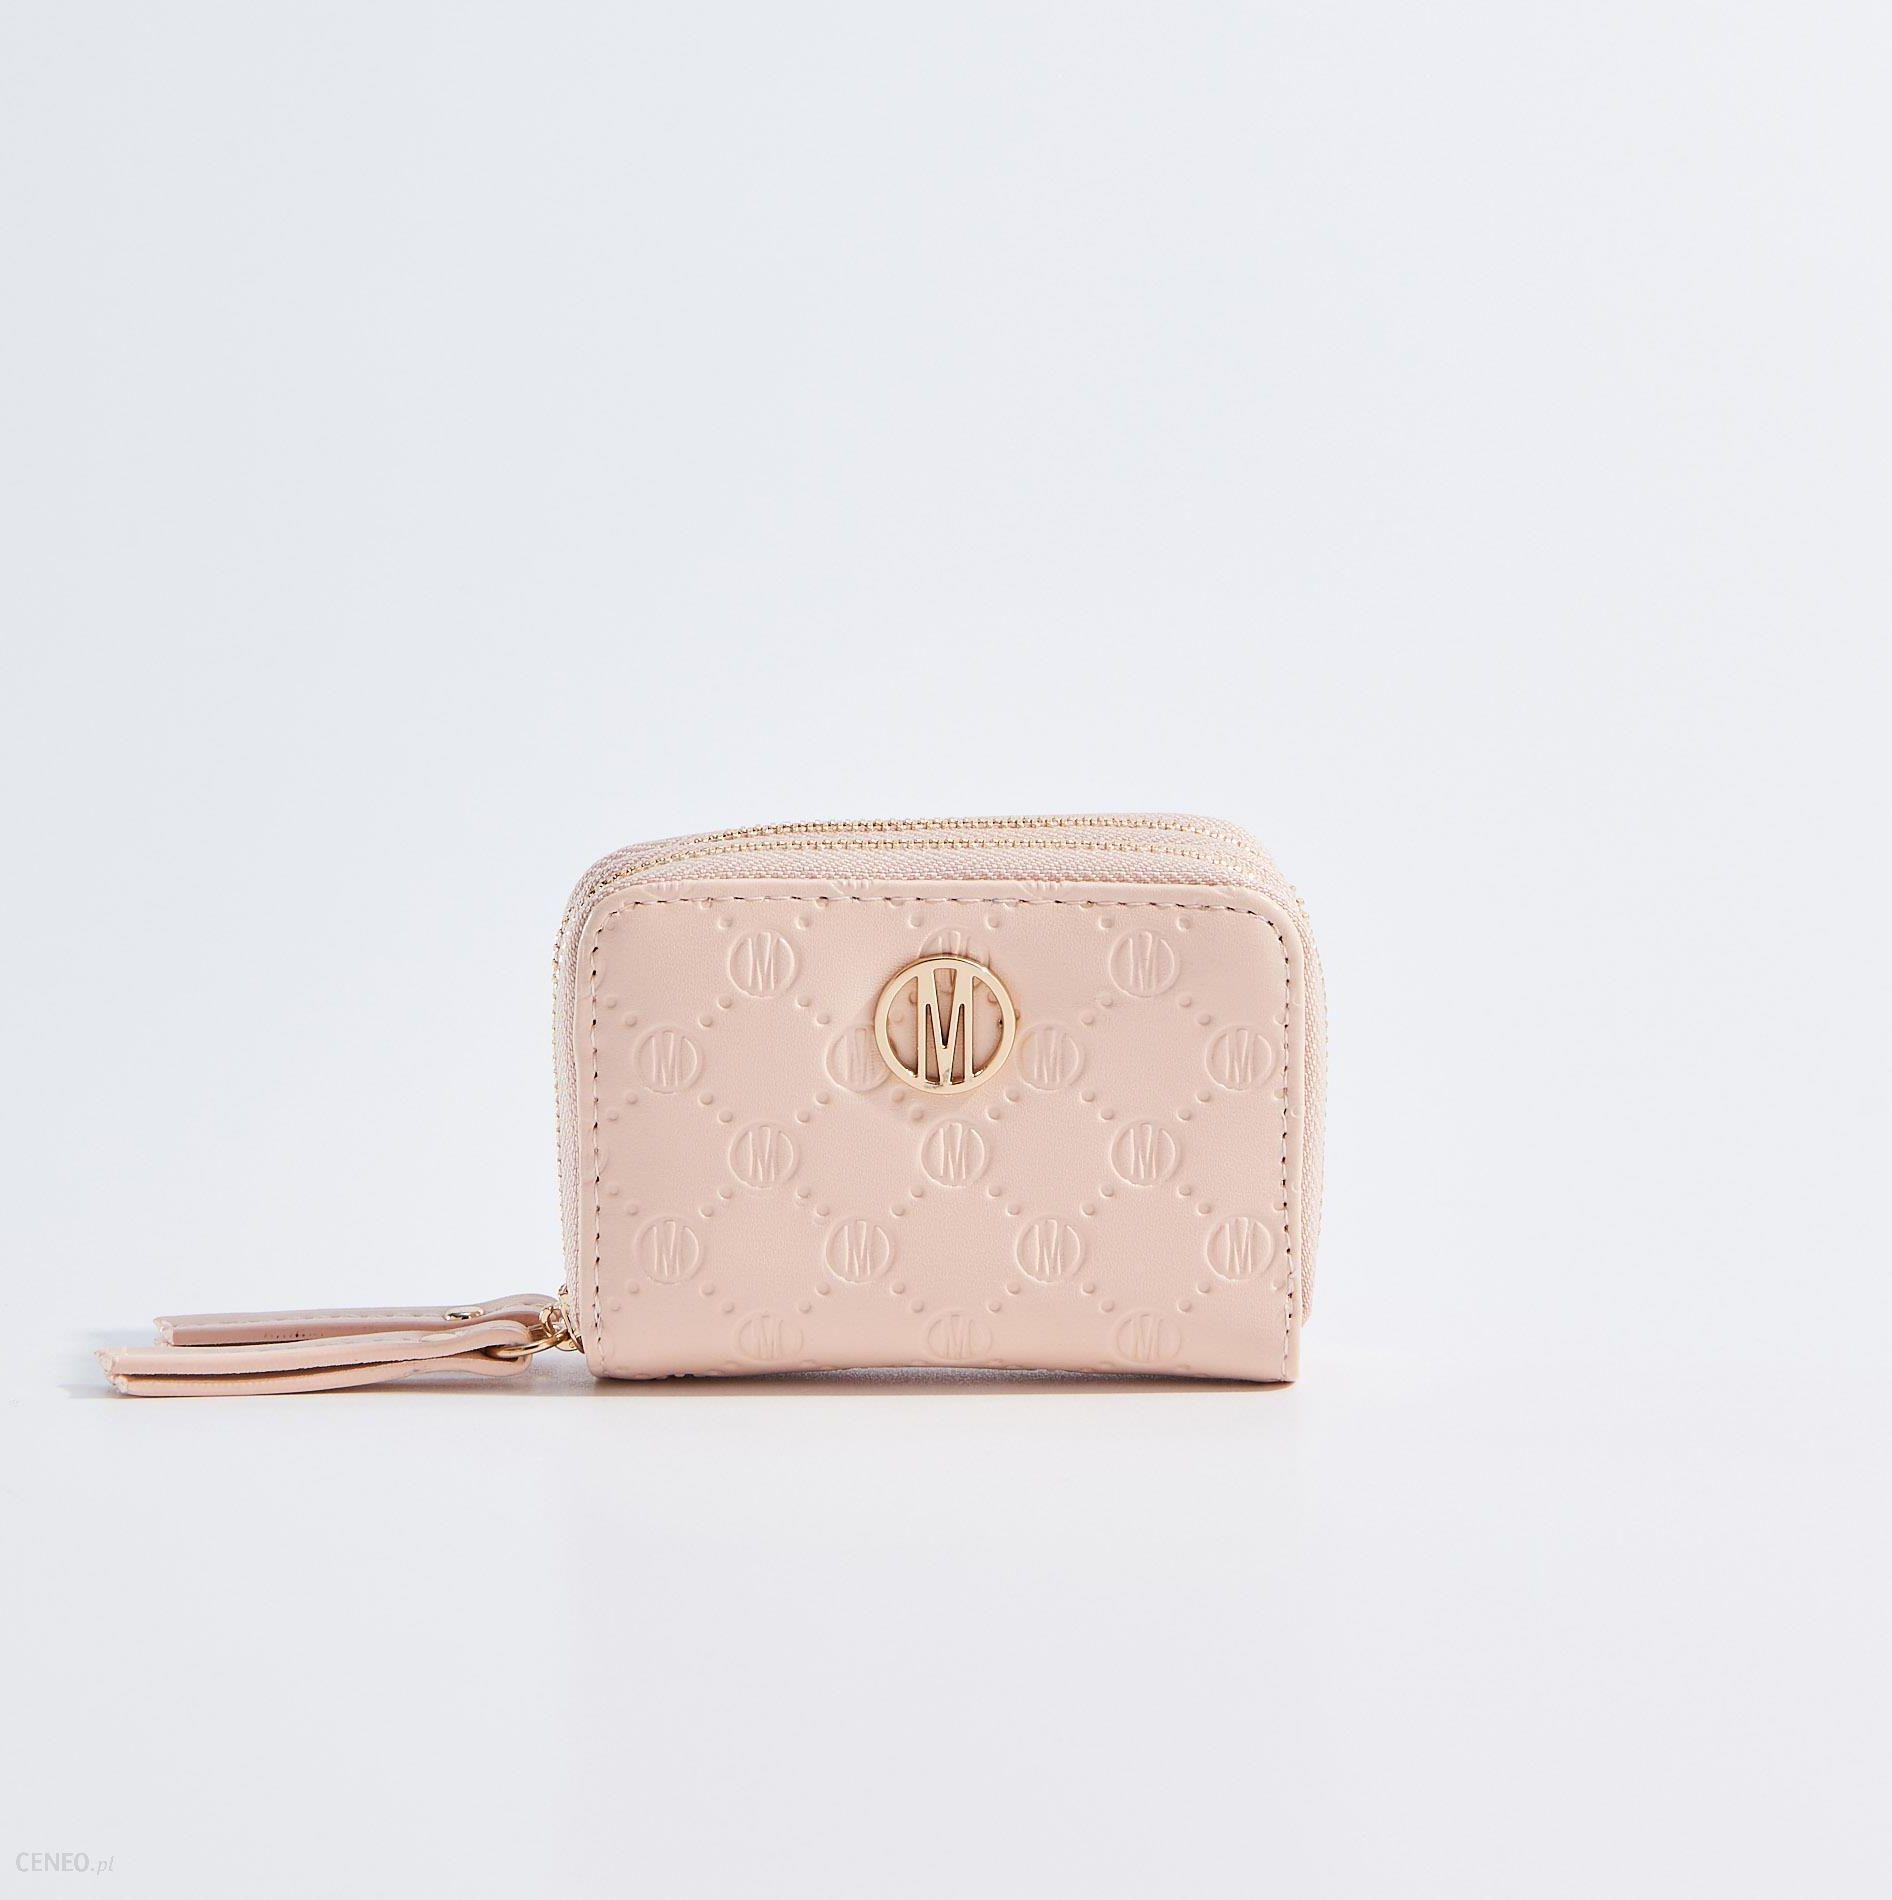 8dba5bc123c03 Mohito - Mały portfel - Różowy - Ceny i opinie - Ceneo.pl